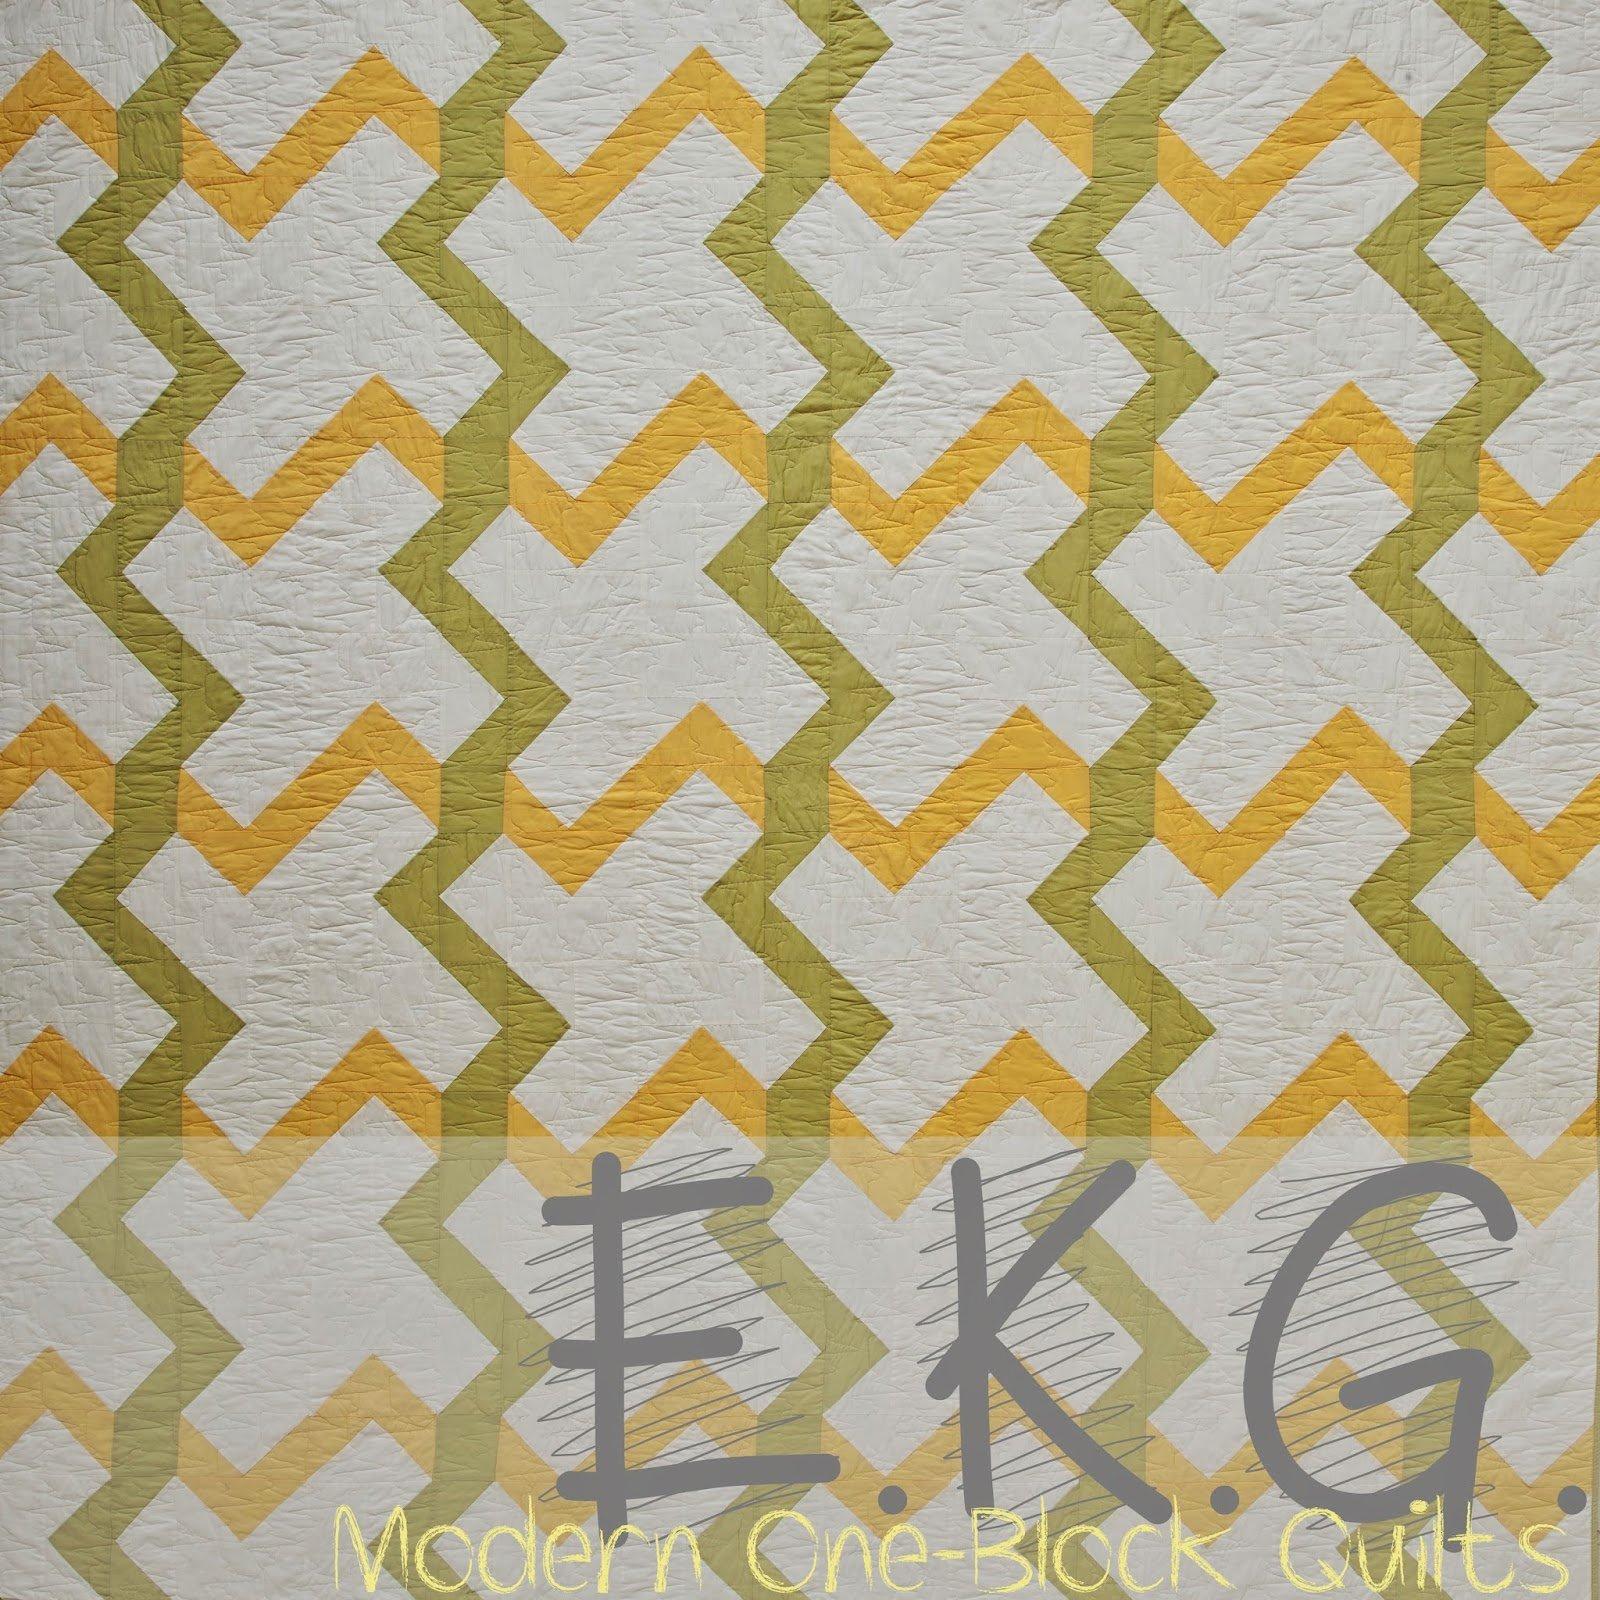 E.K.G. The Quilt